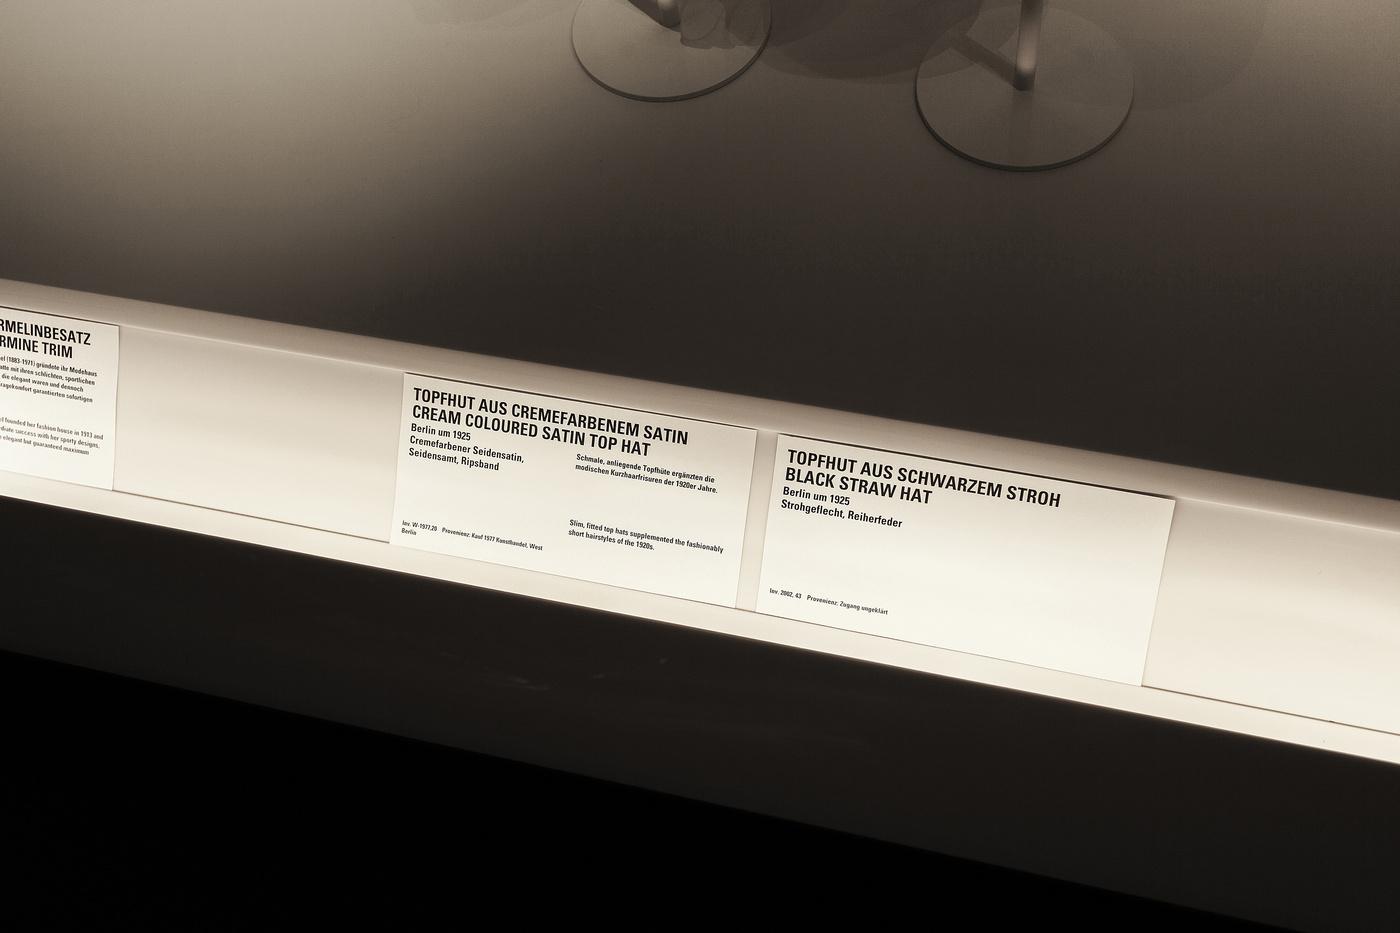 装饰艺术博物馆导视设计 © doublestandards